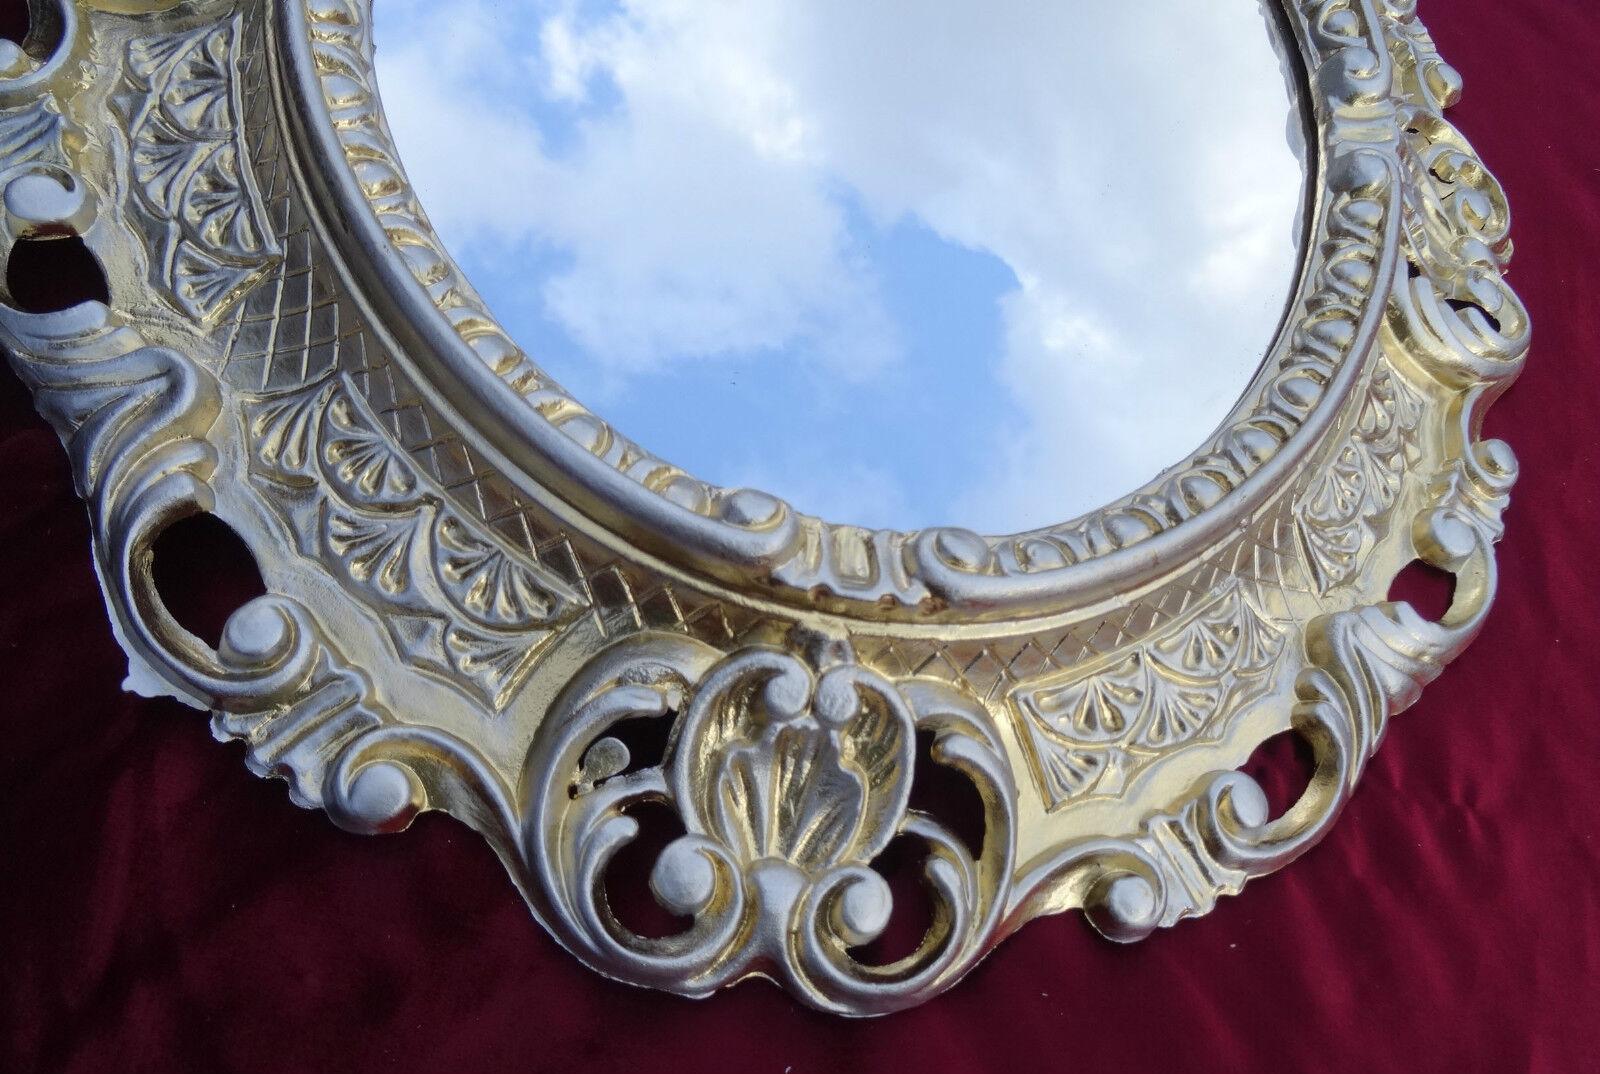 Specchio da parete specchio bianco argento ovale 45x38 - Specchio ovale vintage ...